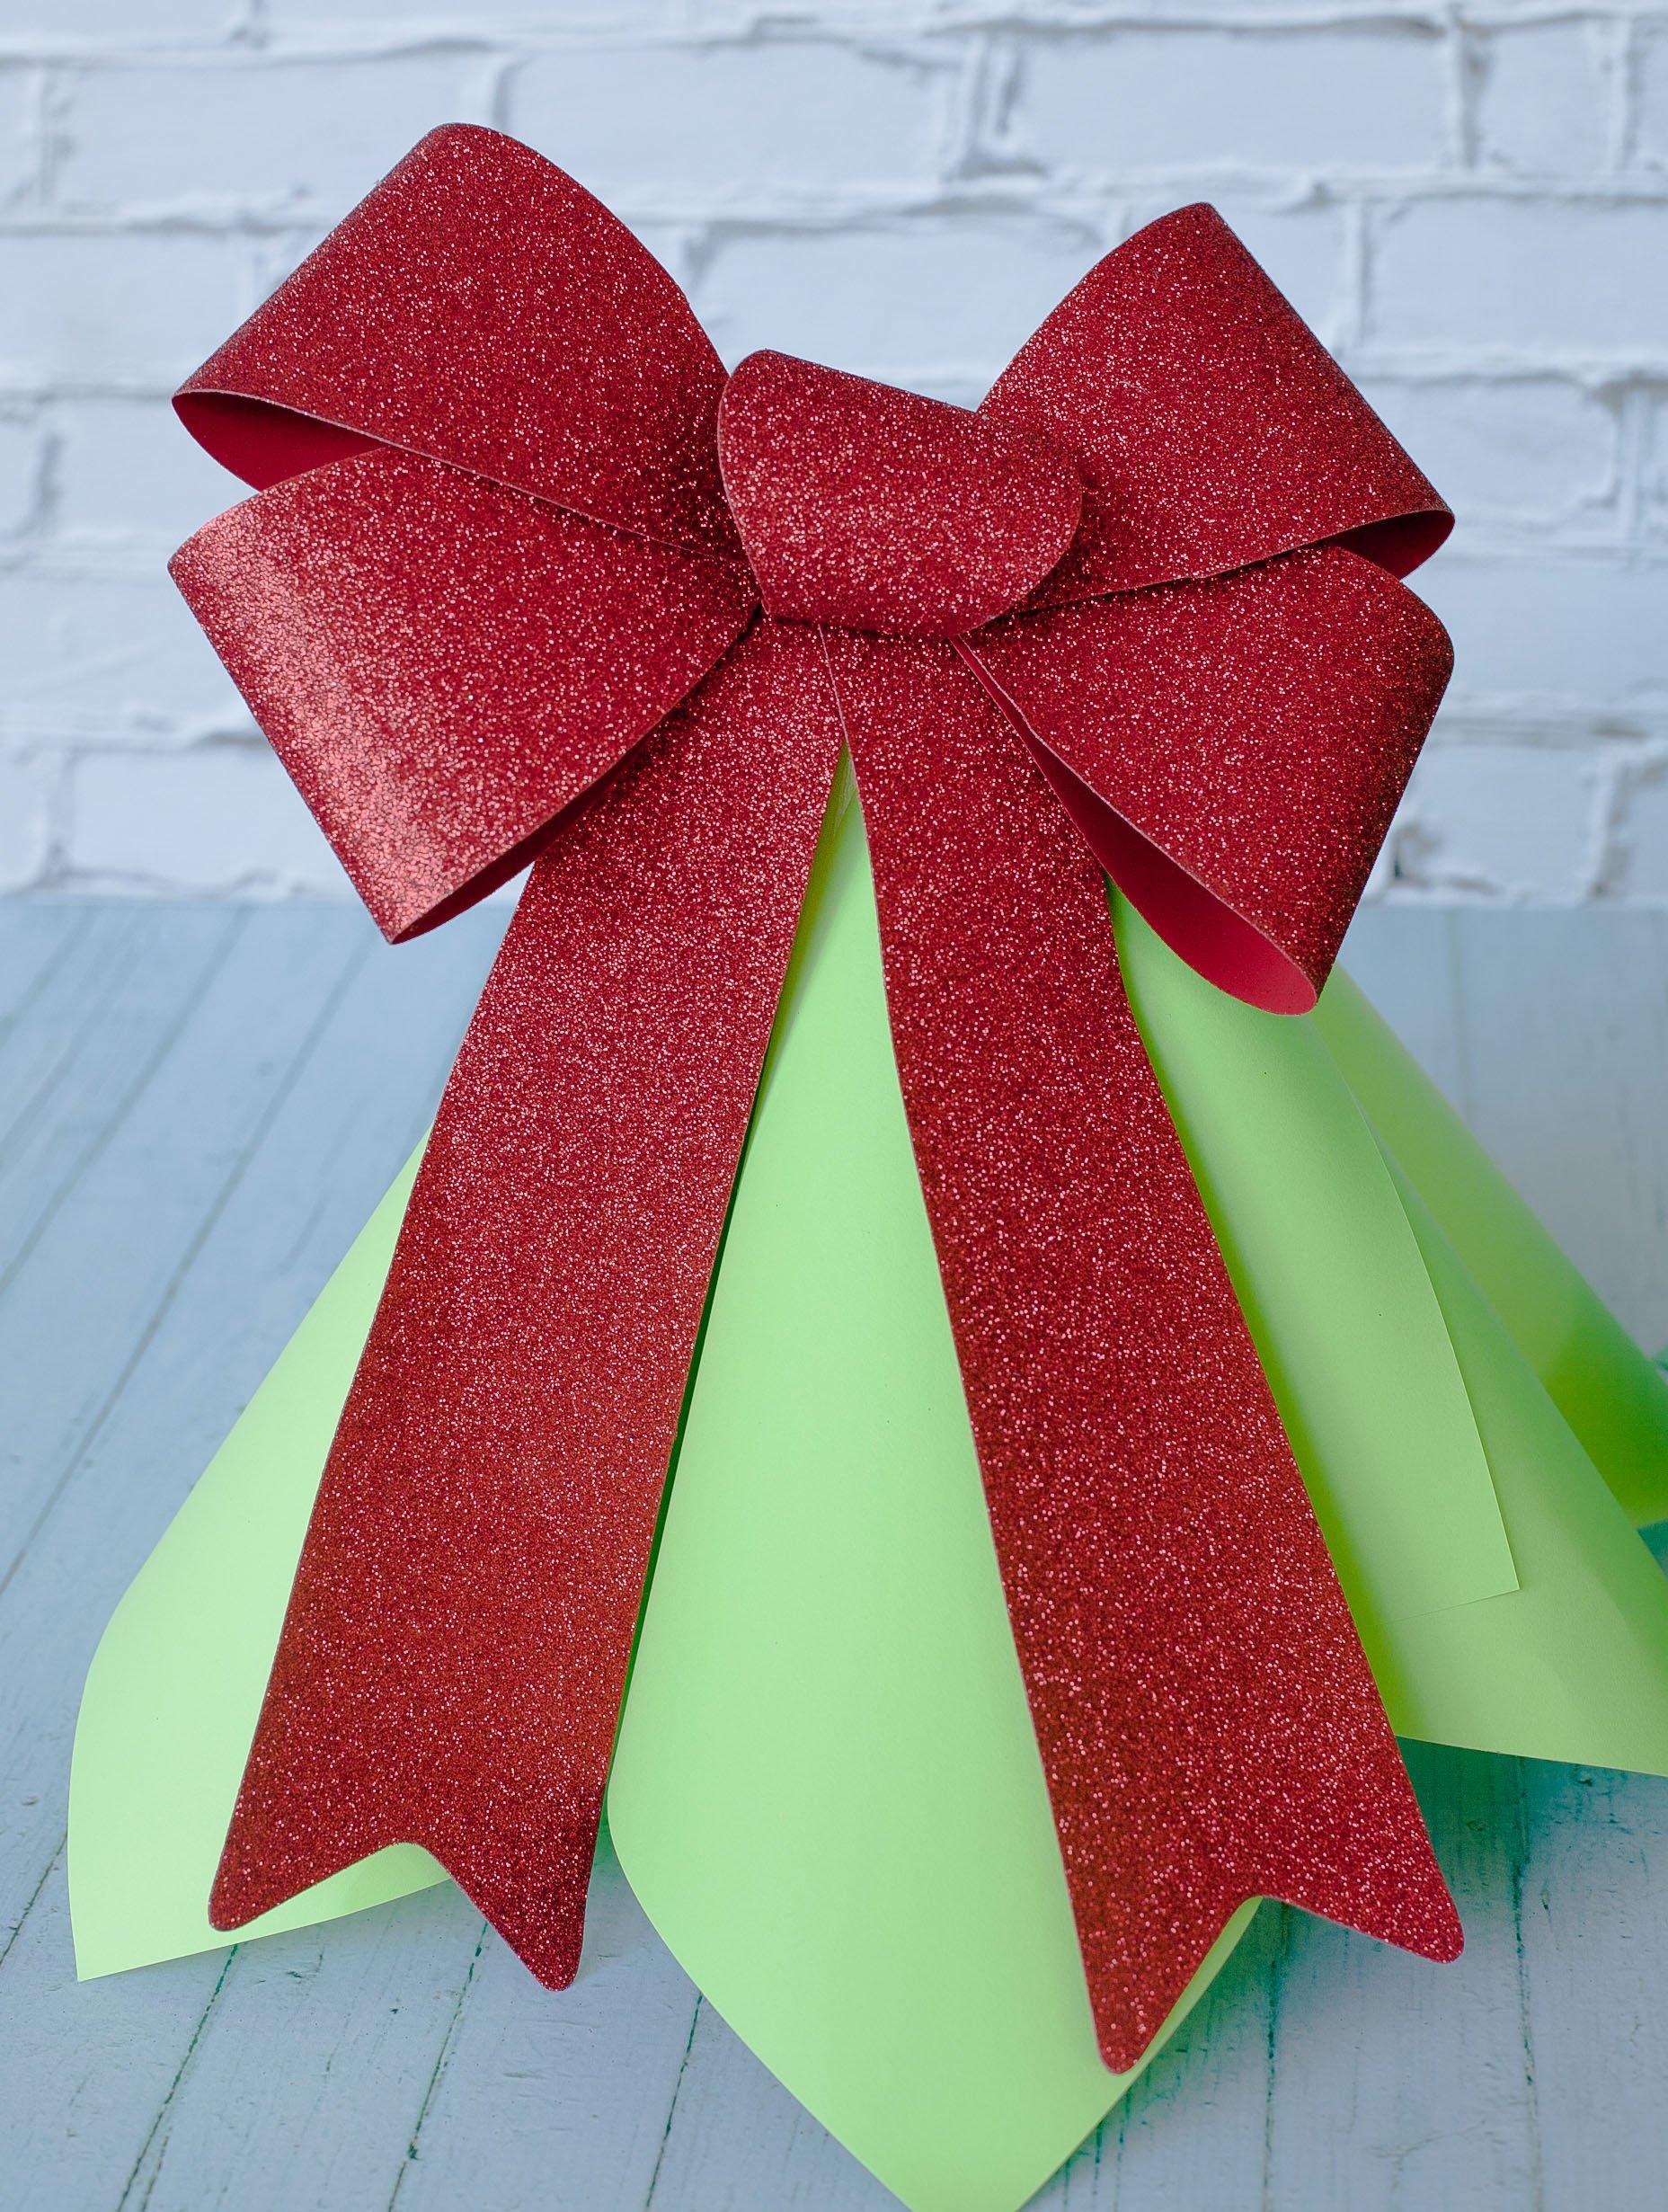 Giant Christmas Bow